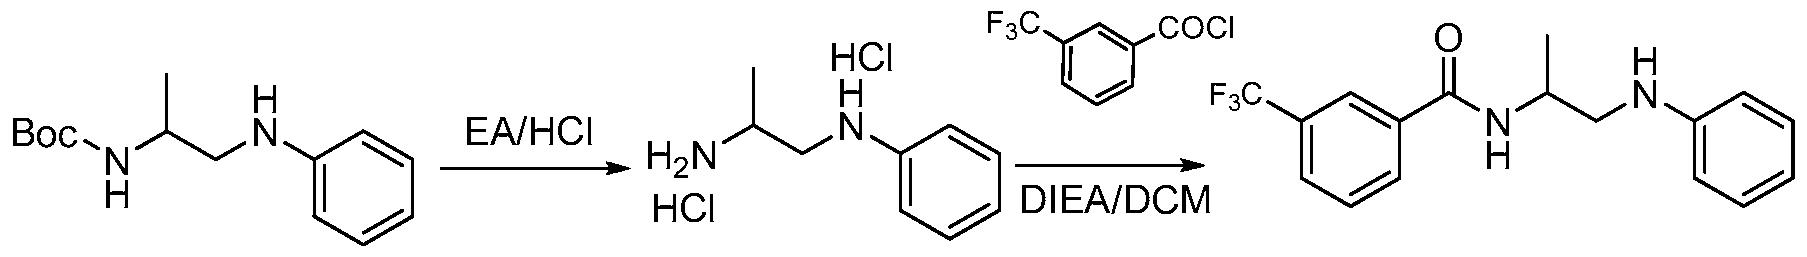 Figure imgf000259_0003